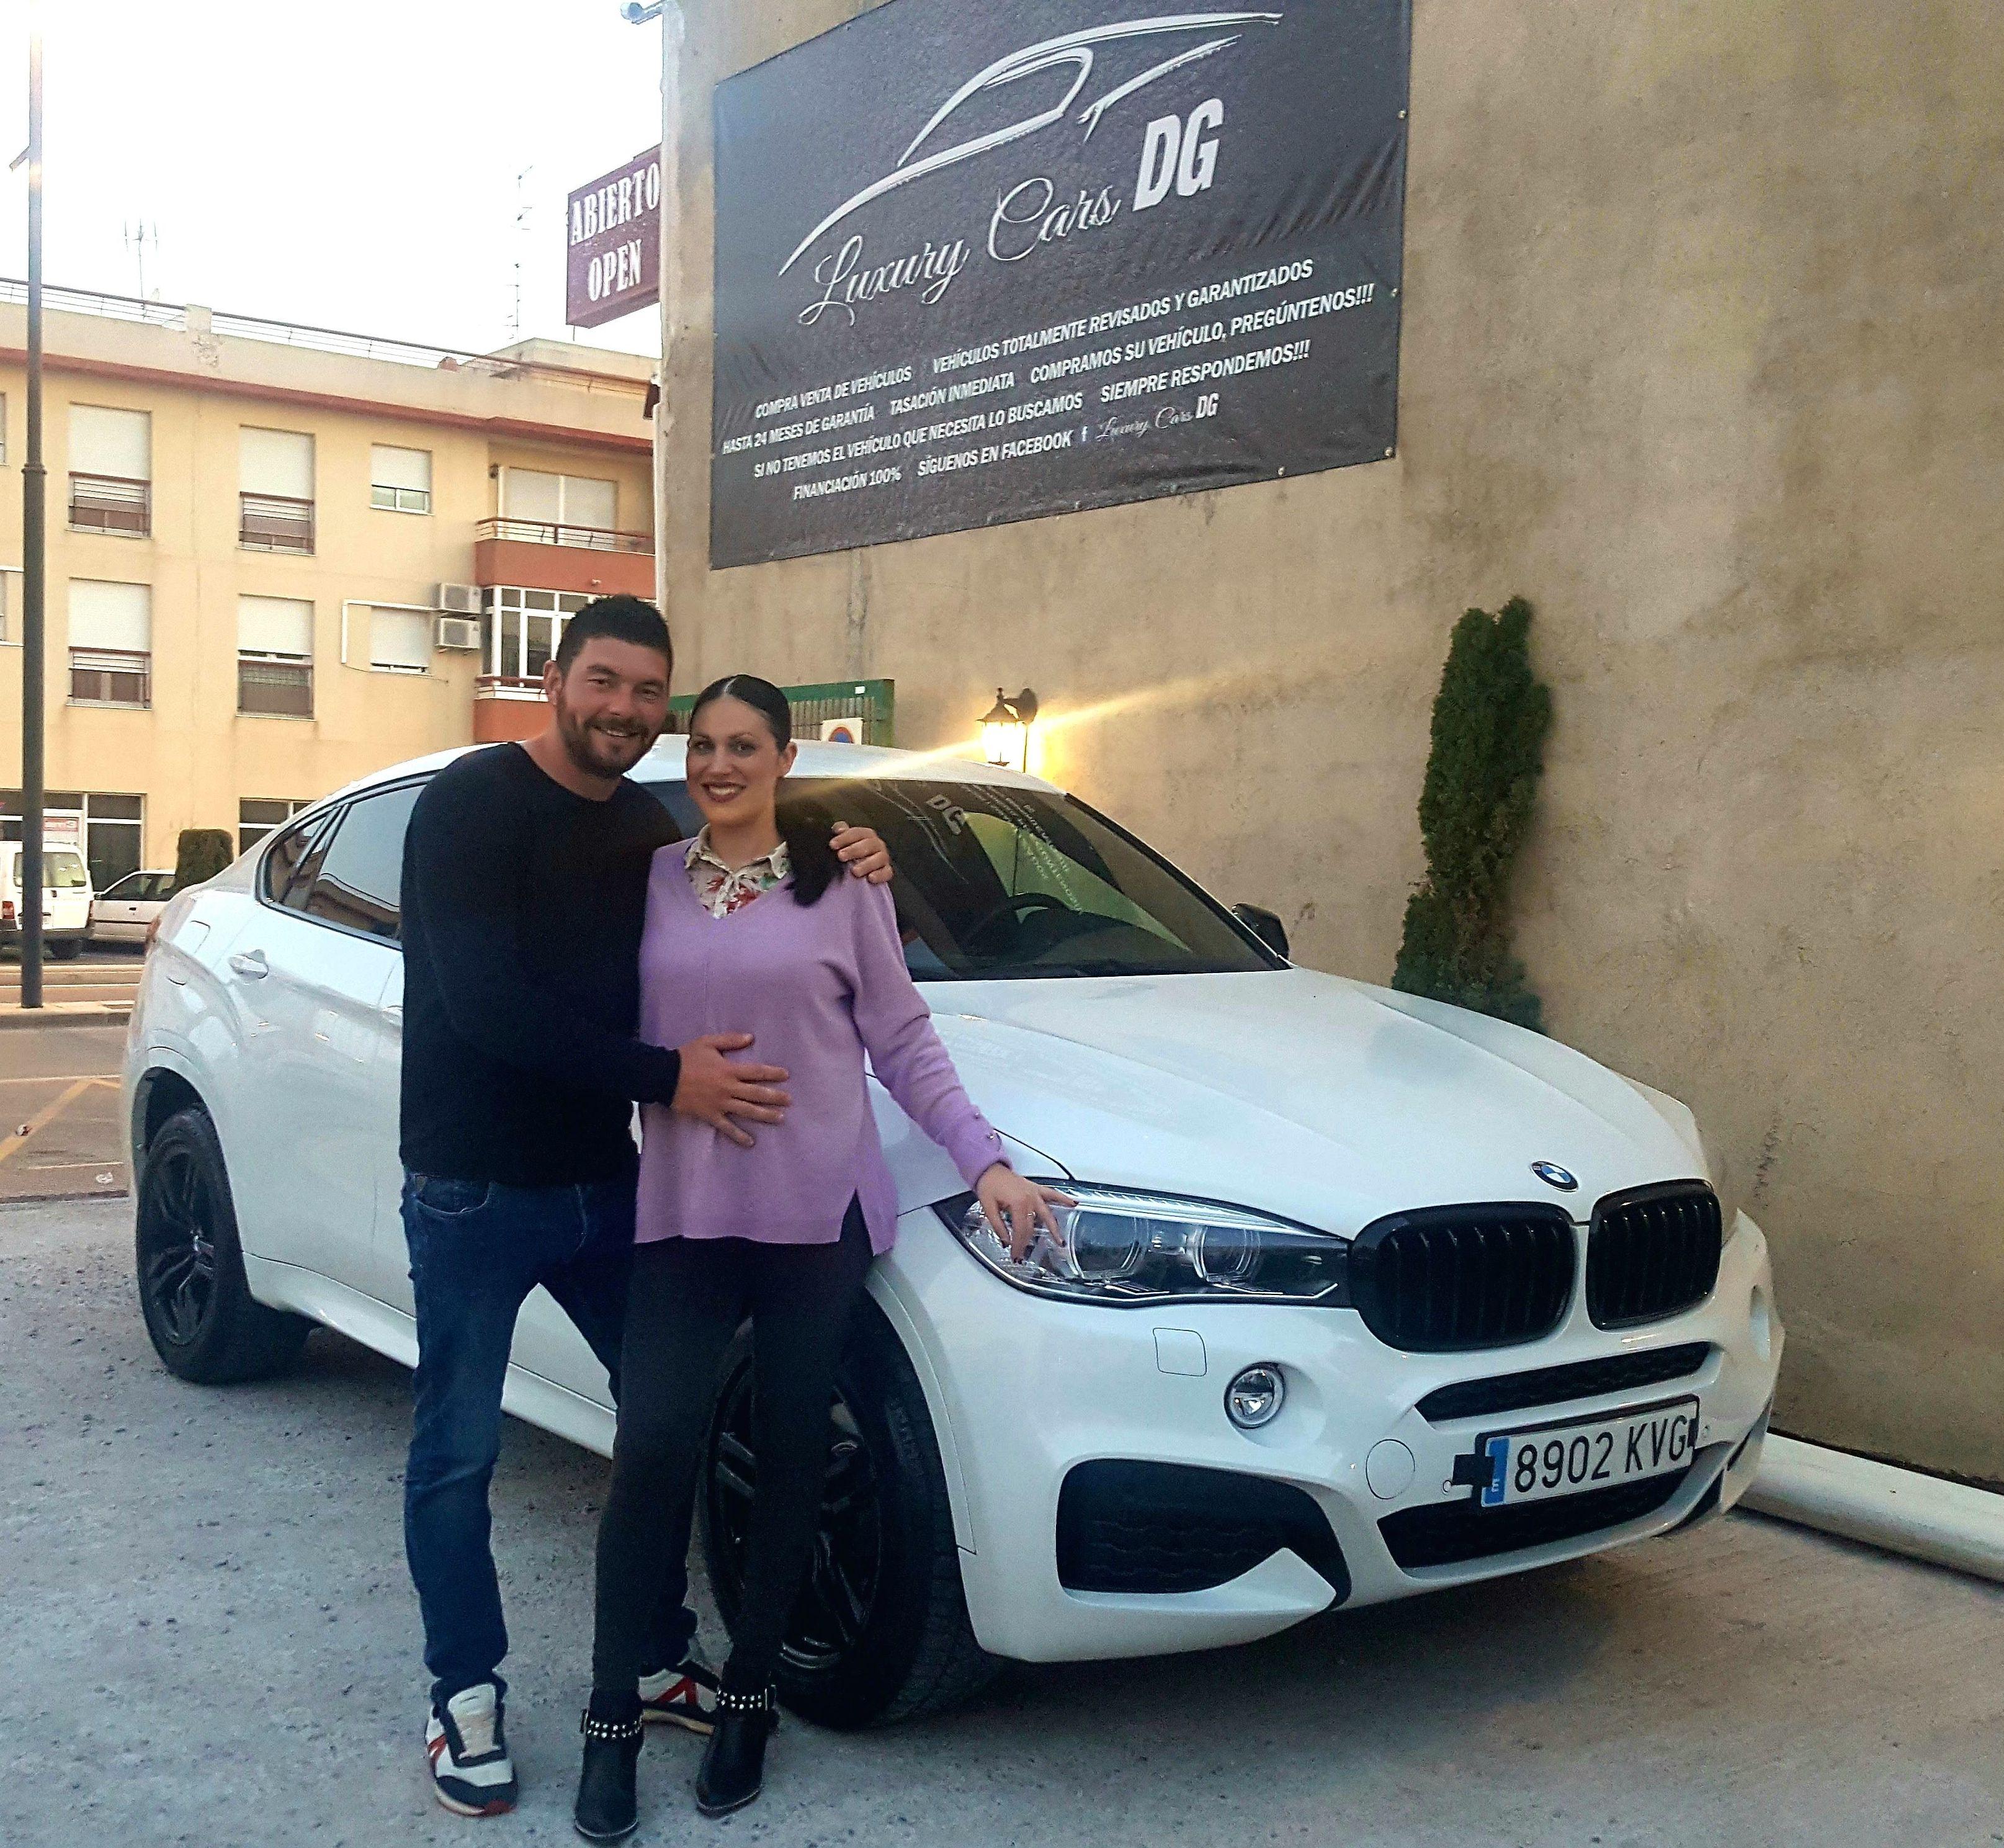 Foto 28 de Compraventa de automóviles en Vera | Luxury Cars DG